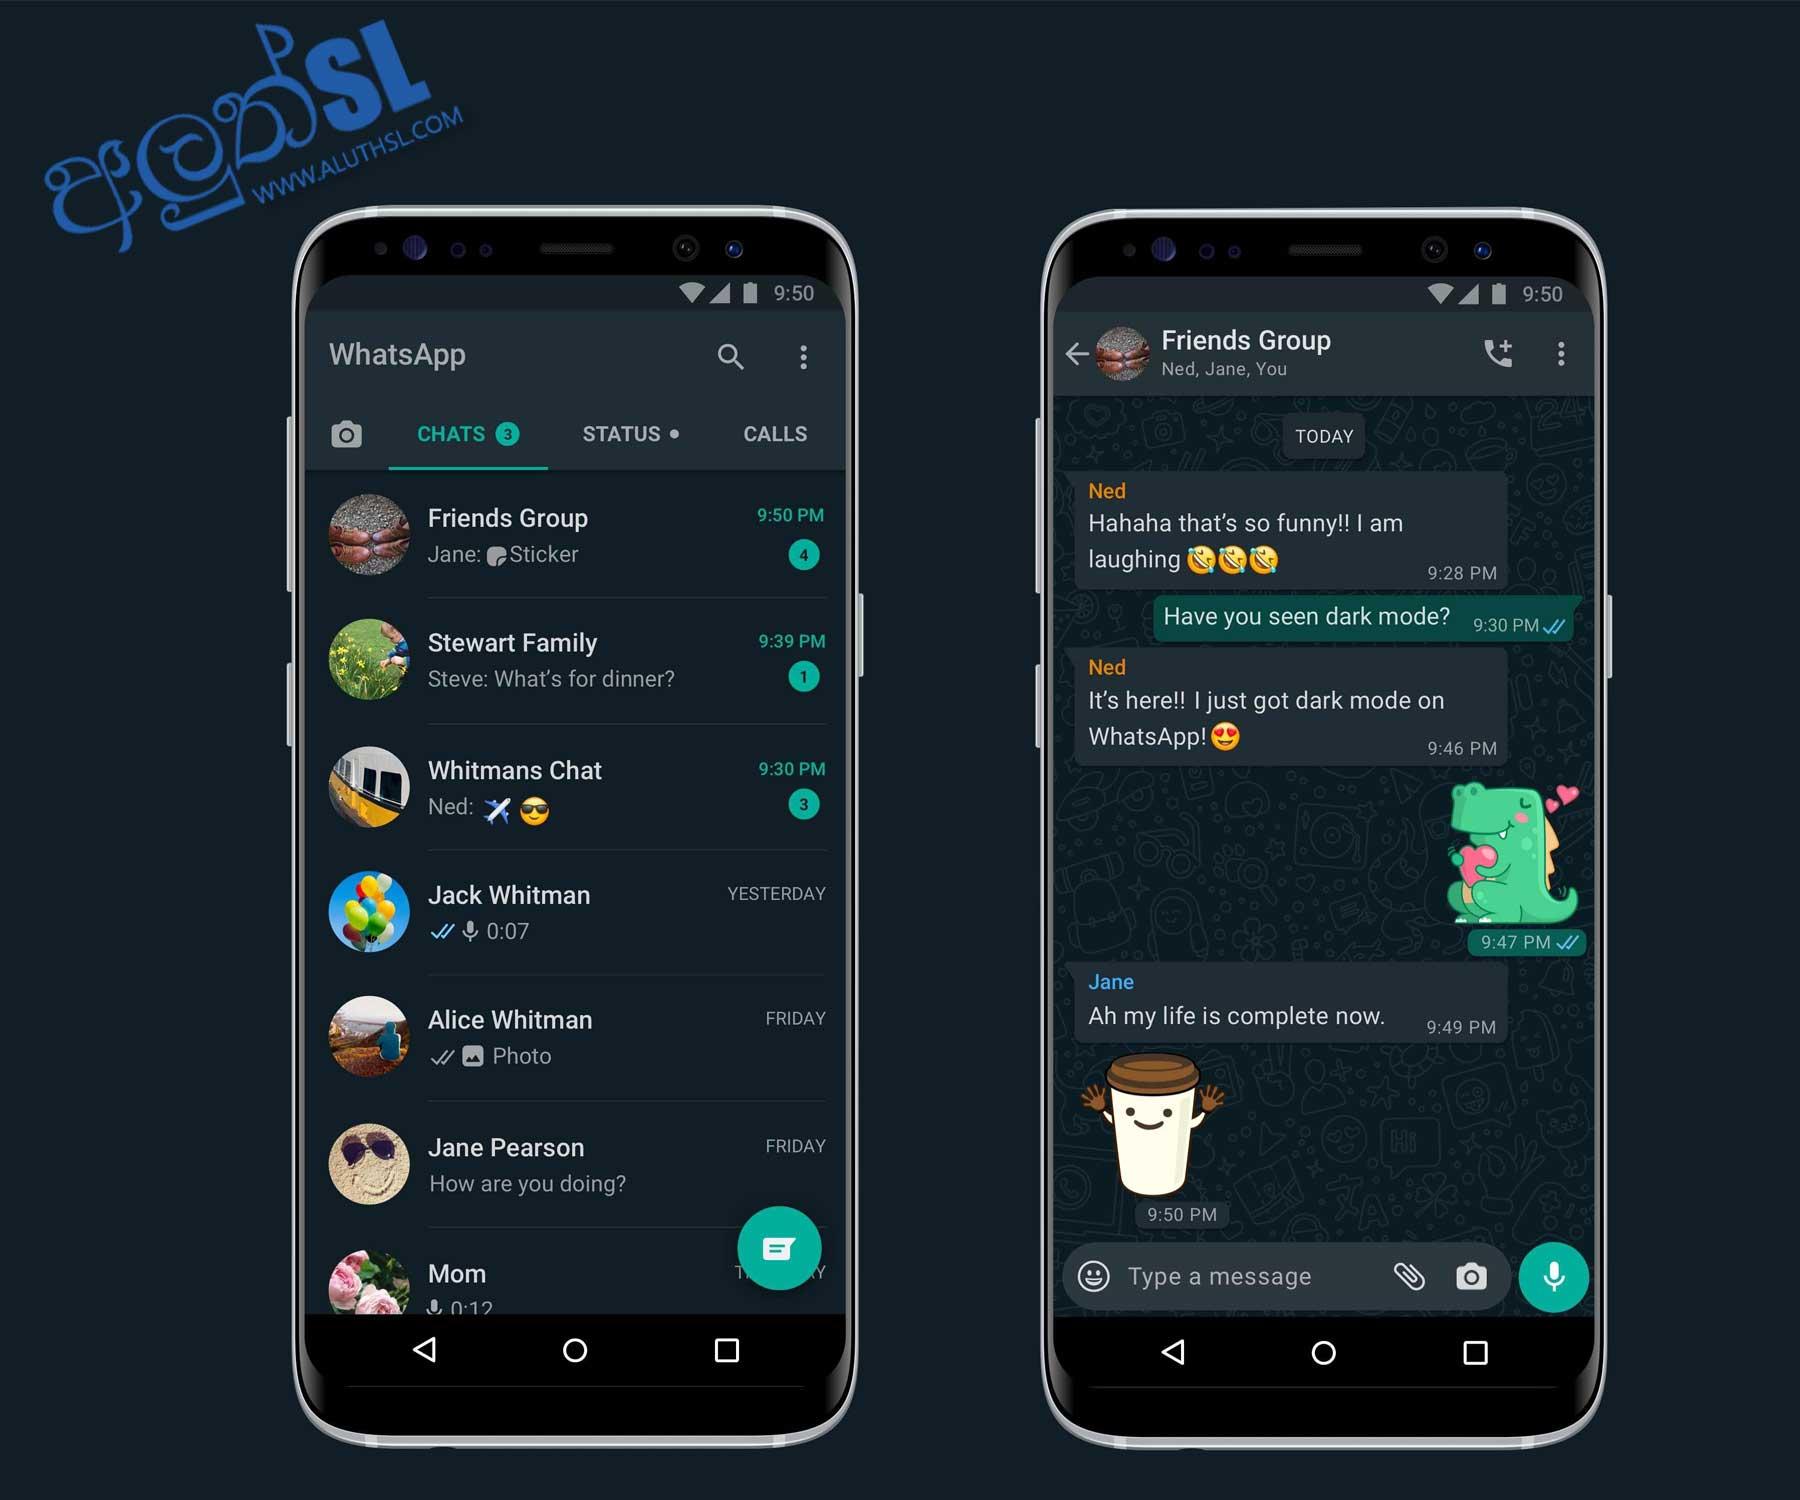 දැන් WhatsApp සදහා  Multi Devices Login පහසුකම නොදුරේදීම